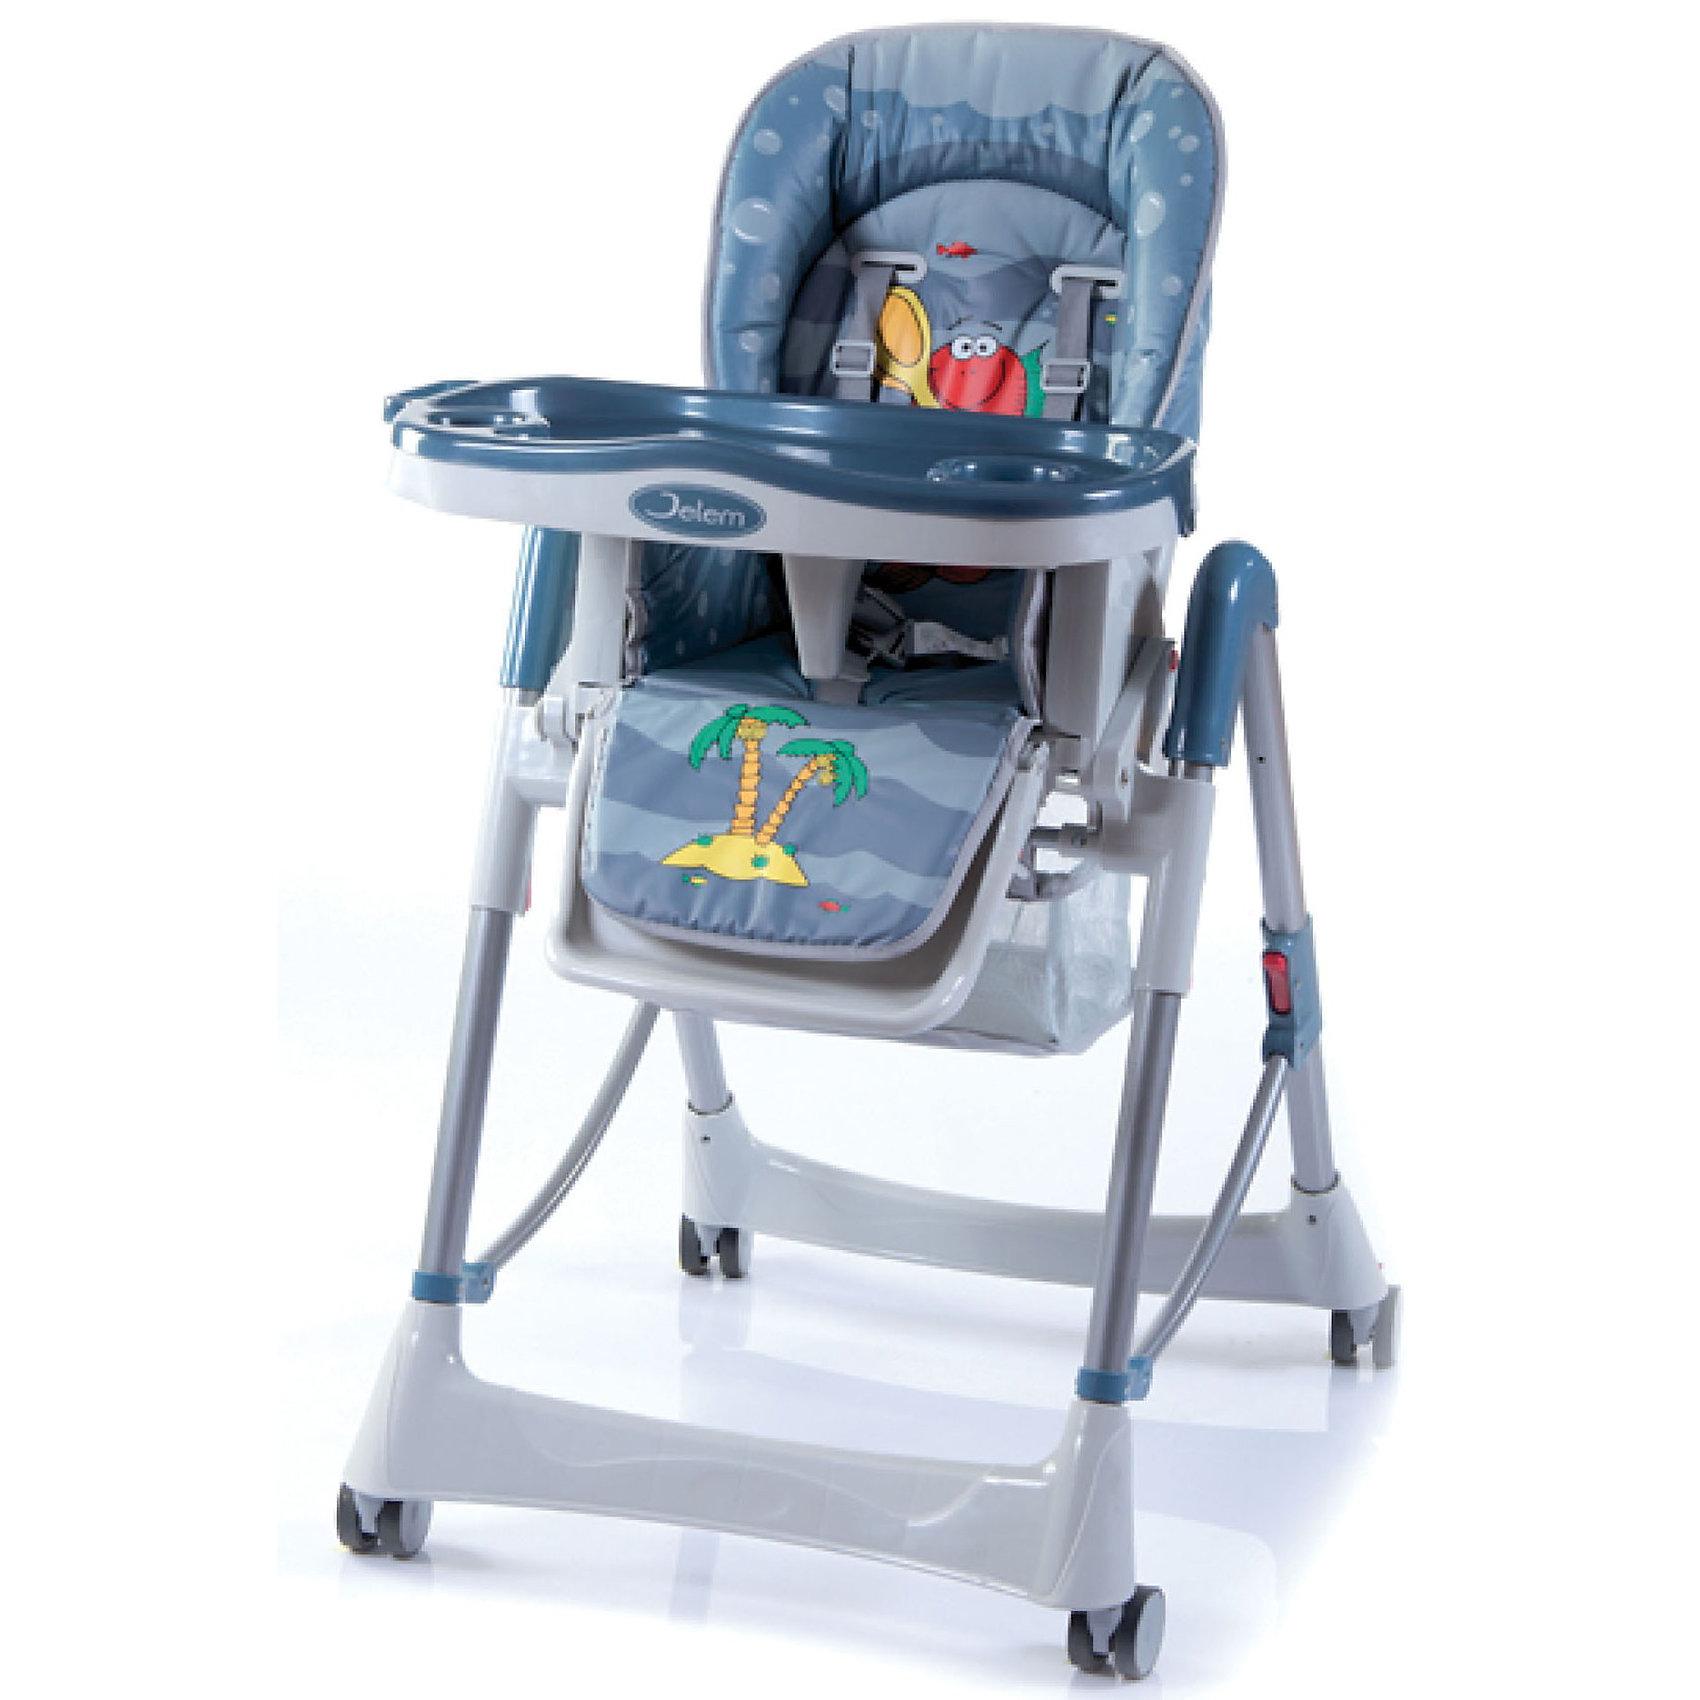 Стульчик для кормления Piero De Lux,Jetem, FishСтульчики для кормления<br>Комфортный стул для кормления Piero Deluxe Fish от Jetem (Жетем) поможет сделать кормление малыша приятным и безопасным. Стульчик выполнен в ярком привлекательном дизайне с изображениями забавных рыбок. <br><br>Рама с поперечной перекладиной обеспечивает максимальную устойчивость. Мягкое комфортное сиденье имеет спинку, у которой регулируются высота (6 уровней) и угол наклона (3 положения) в зависимости от потребностей ребенка. Стульчик оснащен 5-точечными ремнями безопасности и ограничителем под дном столешницы, которые крепко удержат<br>малыша и не позволят соскользнуть вперед. Регулируемая подставка для ножек обеспечит ребенку надежную опору. У стульчика высокие бортики, столик также регулируется по высоте. Съемная столешница имеет 3 положения глубины, есть отверстие для стакана.<br><br>Имеется дополнительная съемная прозрачная столешница, сетка для игрушек. Прорезиненные колеса предотвращают царапины на напольном покрытии, задние колеса фиксируются. Клеенчатая обивка легко моется. Стульчик легко и компактно складывается и не занимает много места. Стульчик рекомендуется использовать от 4 -9 мес. до 3 лет, максимальный вес - 18 кг.<br><br>Дополнительная информация:<br><br>- Цвет: fish (серо-голубой).<br>- Материал: пластик, ткань. <br>- Размер в разложенном состоянии: 125 х 60 х 65 см.<br>- Высота спинки стульчика: 58 см.<br>- Ширина сидения: 29 см.<br>- Глубина сидения: 28 см.<br>- Размер упаковки: 55 х 29 х 7 см. <br>- Вес с упаковкой: 11 кг. <br><br>Стул для кормления Piero Deluxe Fish, Jetem (Жетем) можно купить в нашем интернет-магазине.<br><br>Ширина мм: 700<br>Глубина мм: 280<br>Высота мм: 550<br>Вес г: 10500<br>Возраст от месяцев: 6<br>Возраст до месяцев: 36<br>Пол: Унисекс<br>Возраст: Детский<br>SKU: 3618047